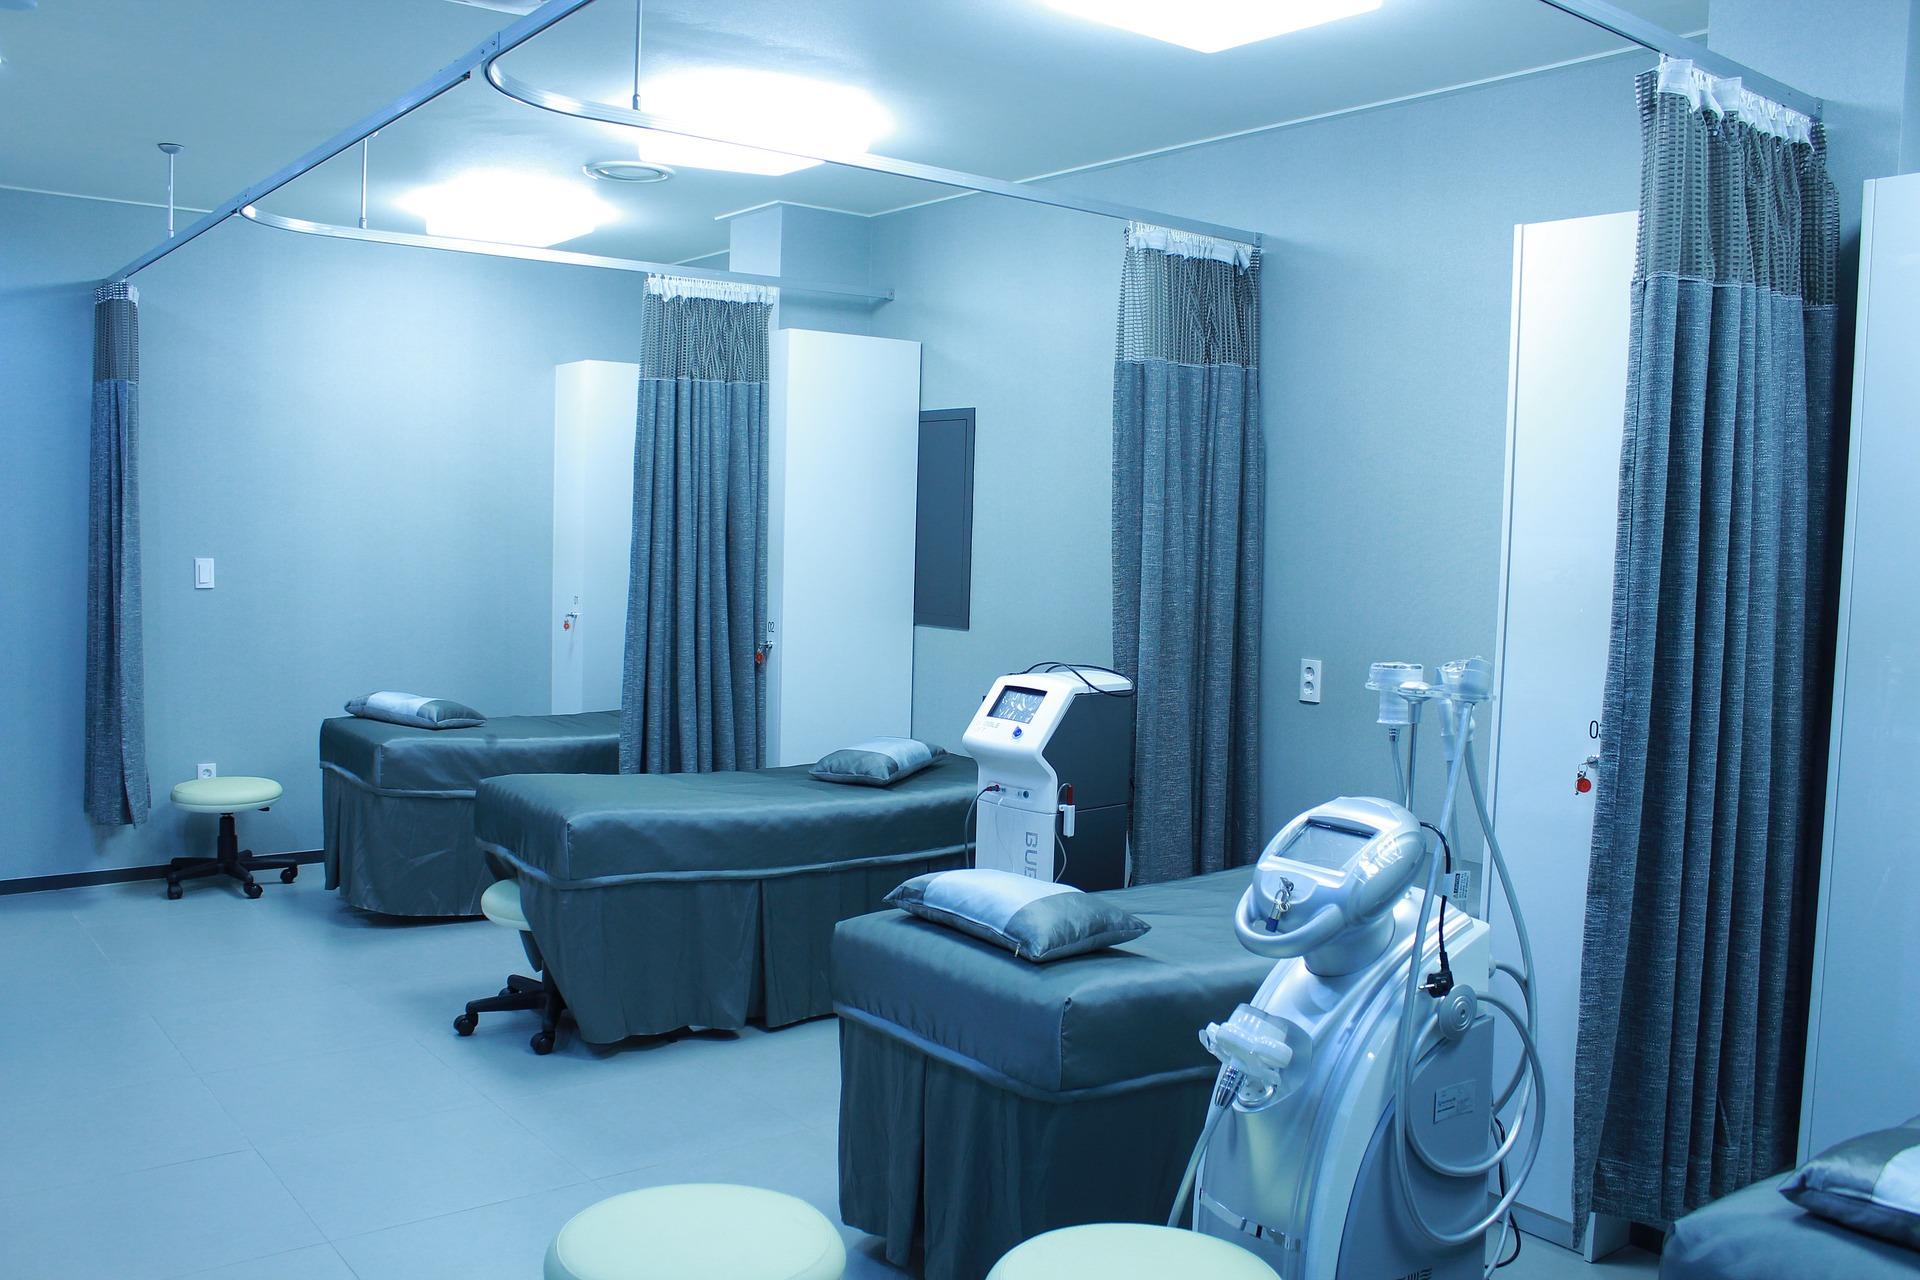 Equipamentos melhores para atender a demanda de um hospital